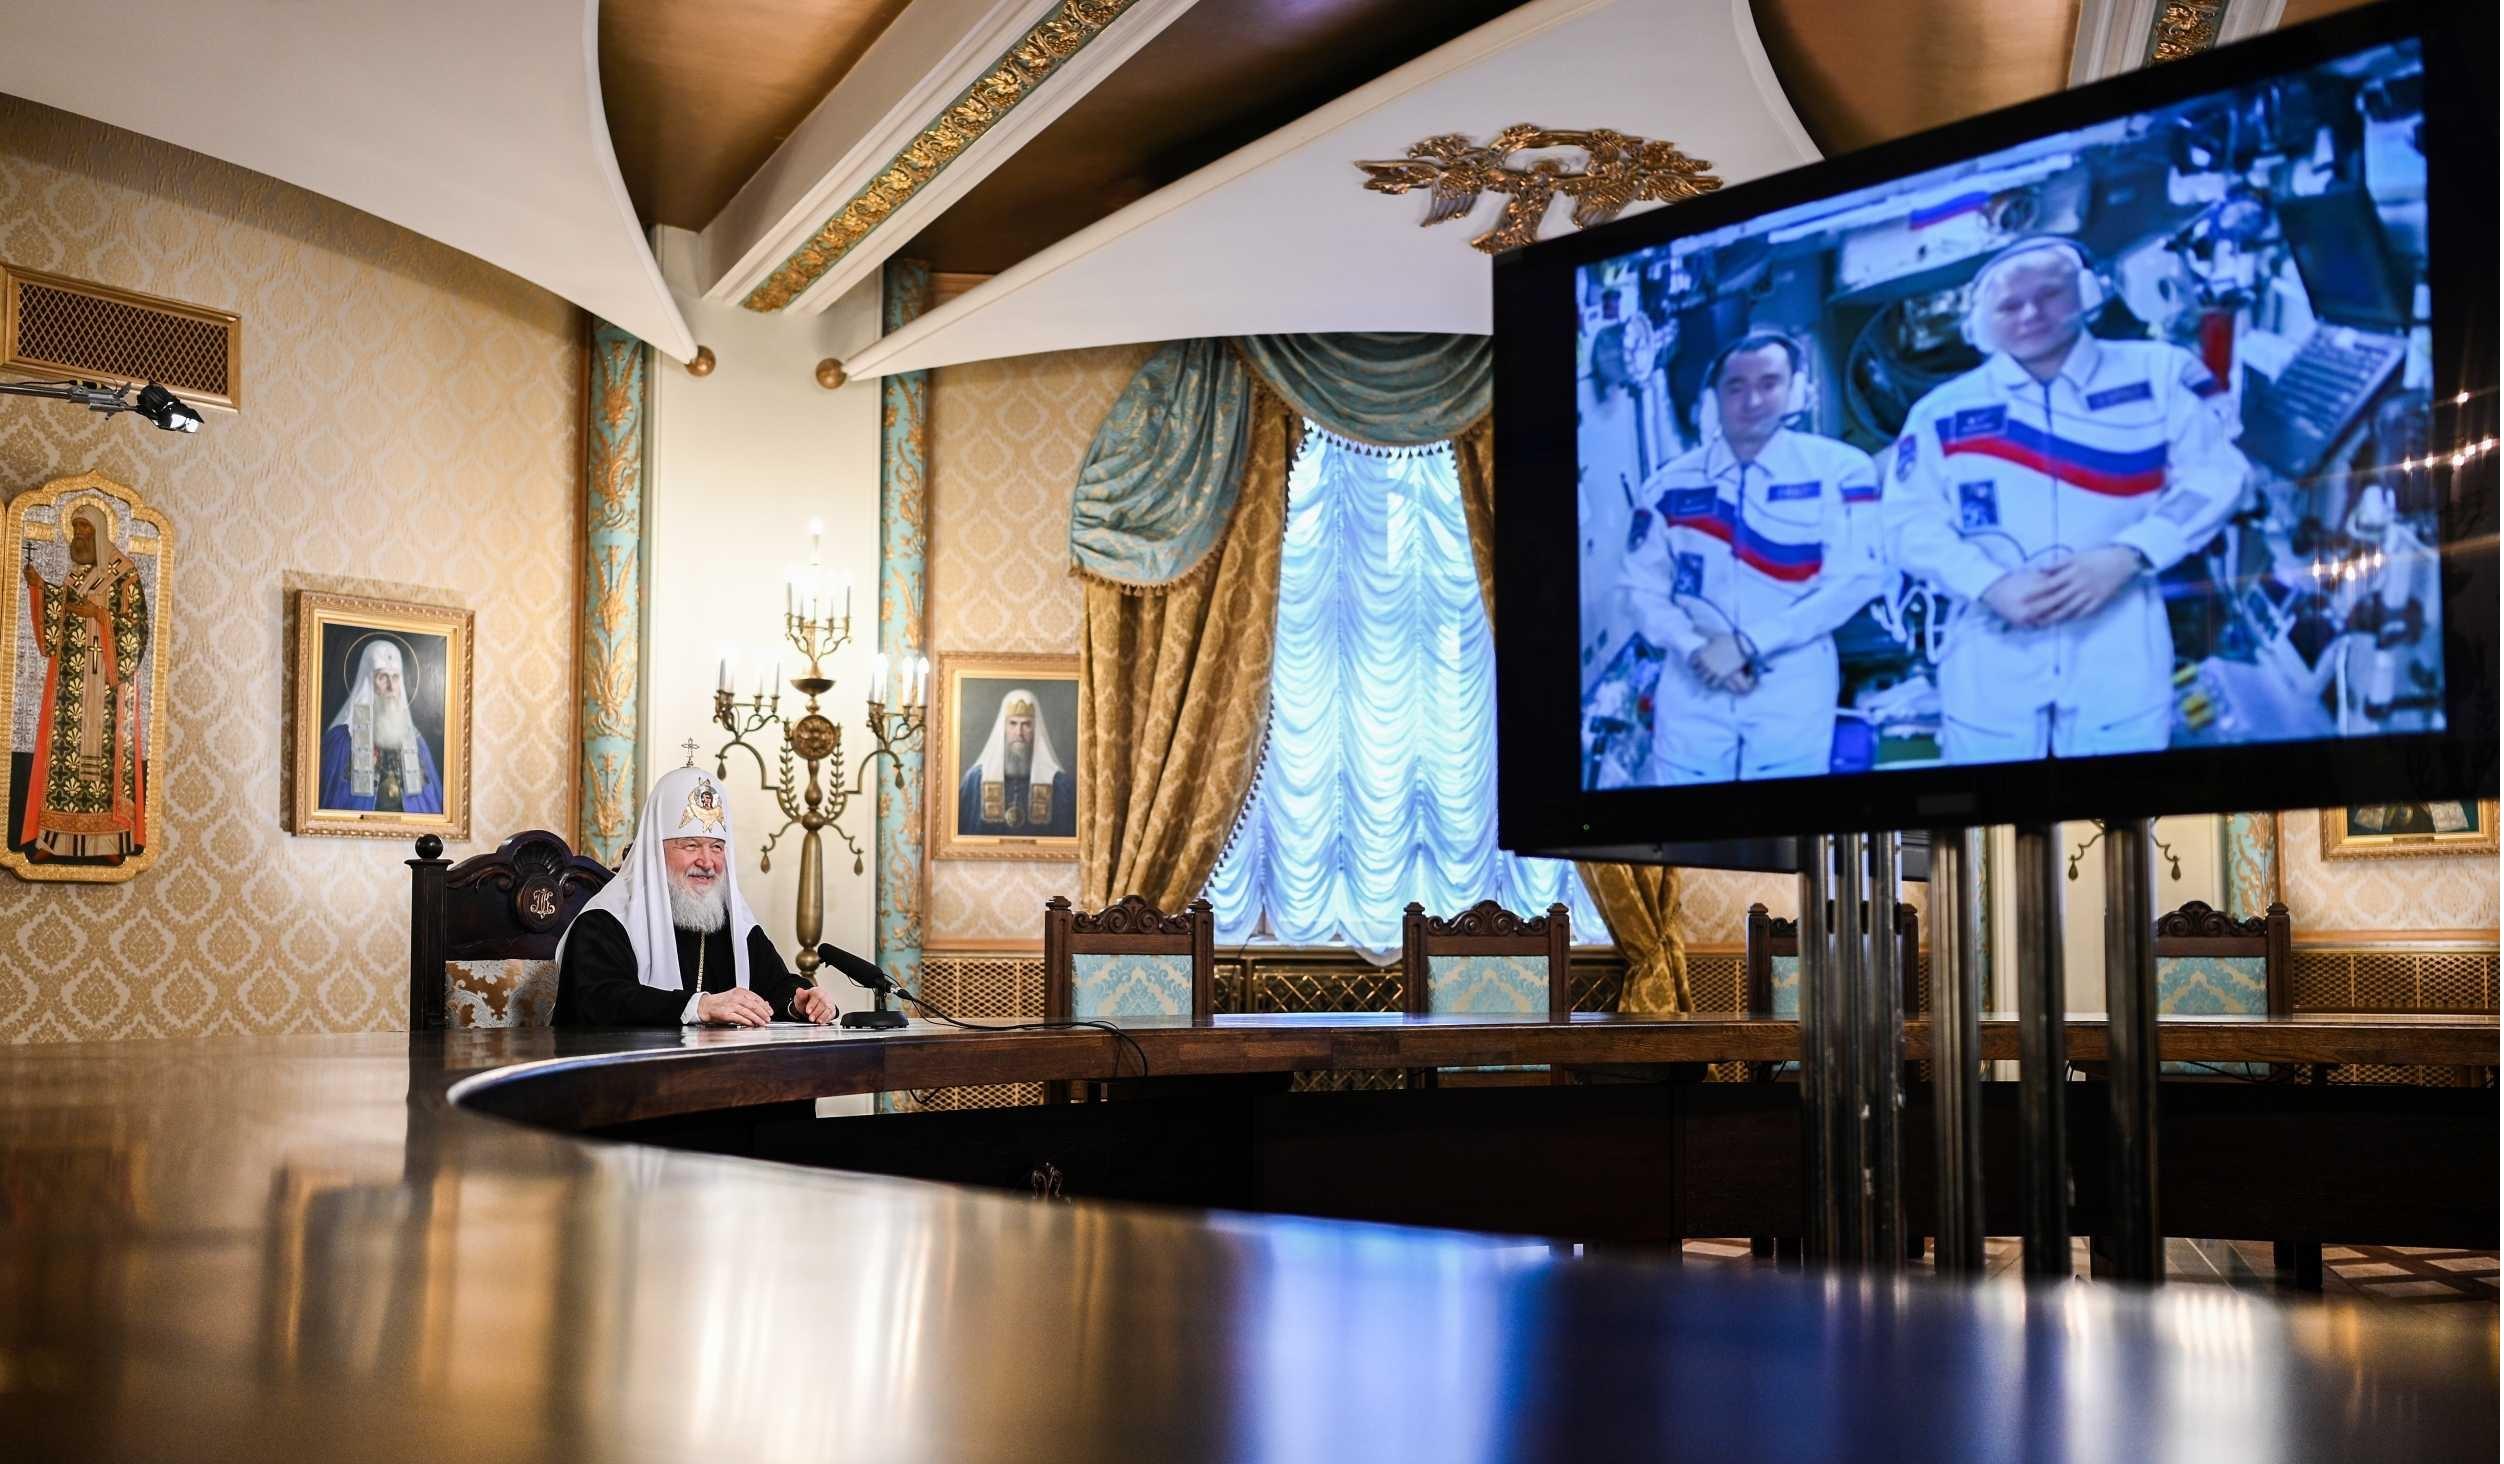 На Пасху Патриарх Кирилл провел телемост с космонавтами на МКС